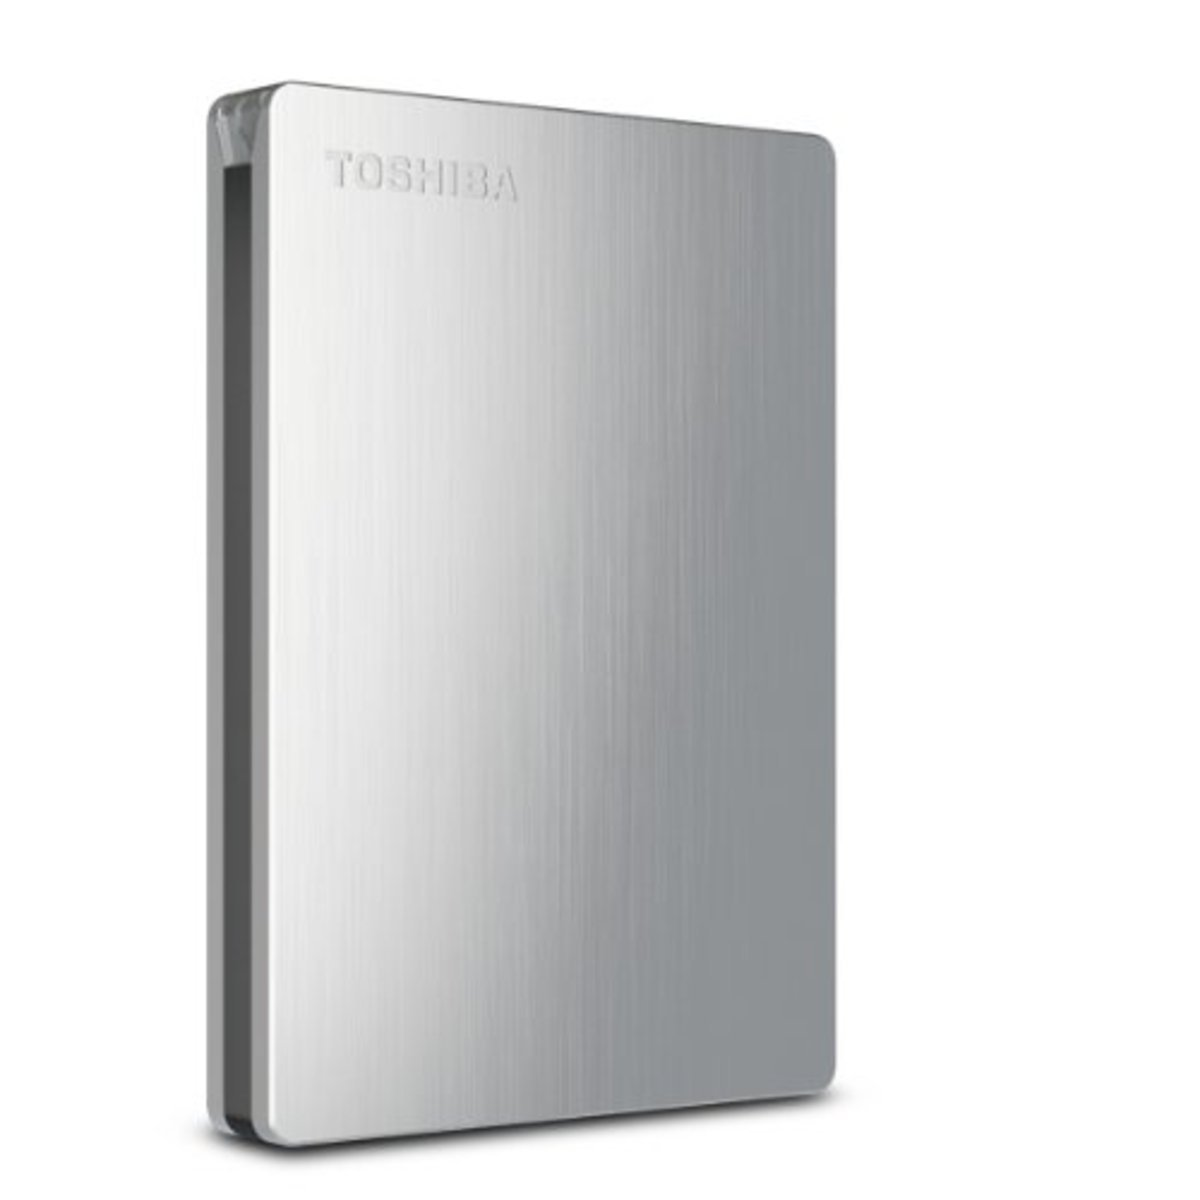 Canvio Slim II 1TB (Silver)